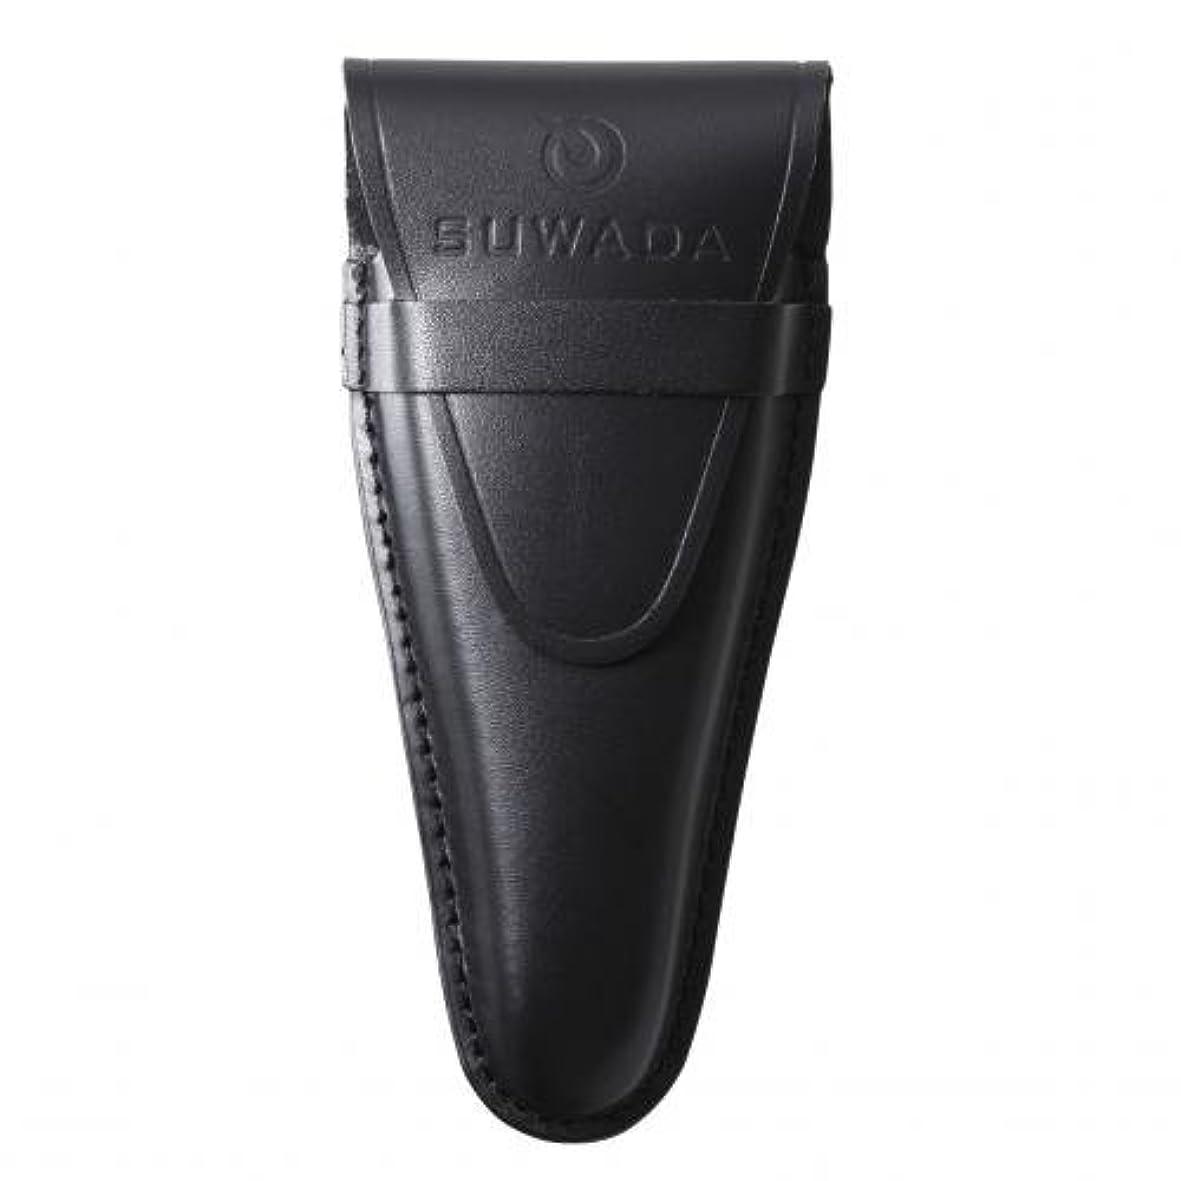 実験的気づくカップル【SUWADA】 爪切り用本革ケースクラシックL用 色=ブラック